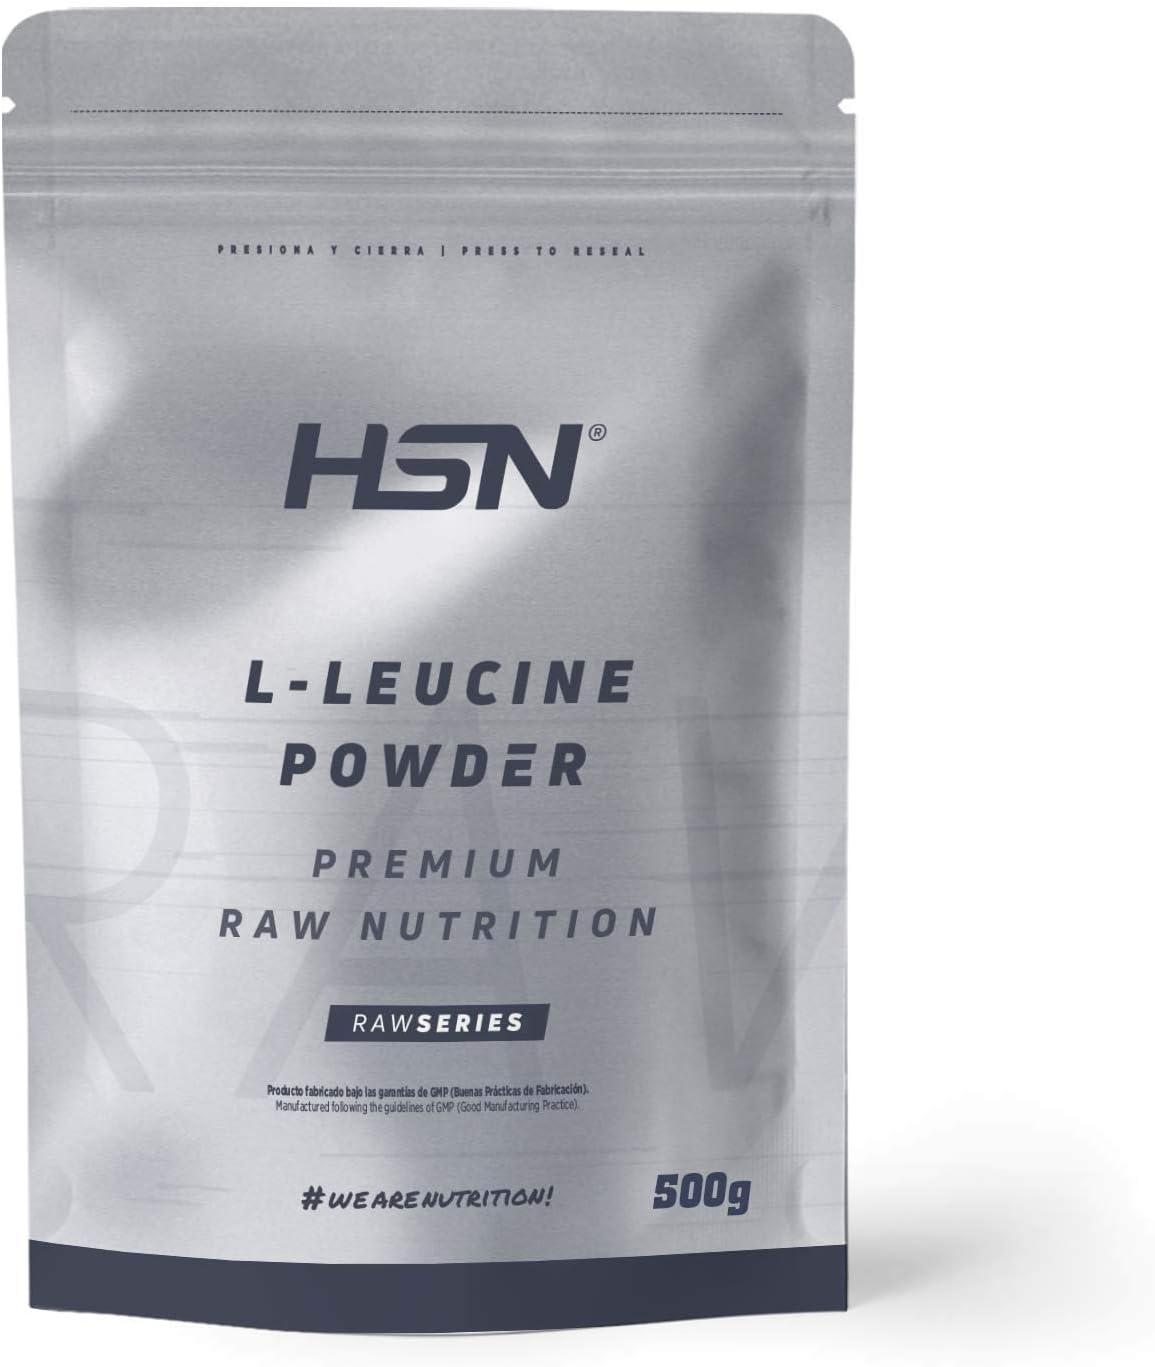 Leucina de HSN | Aminoácido Esencial Activador Anabólico para la Síntesis de Proteínas y Desarrollo Muscular | Componente de los BCAAs | Óptima ...